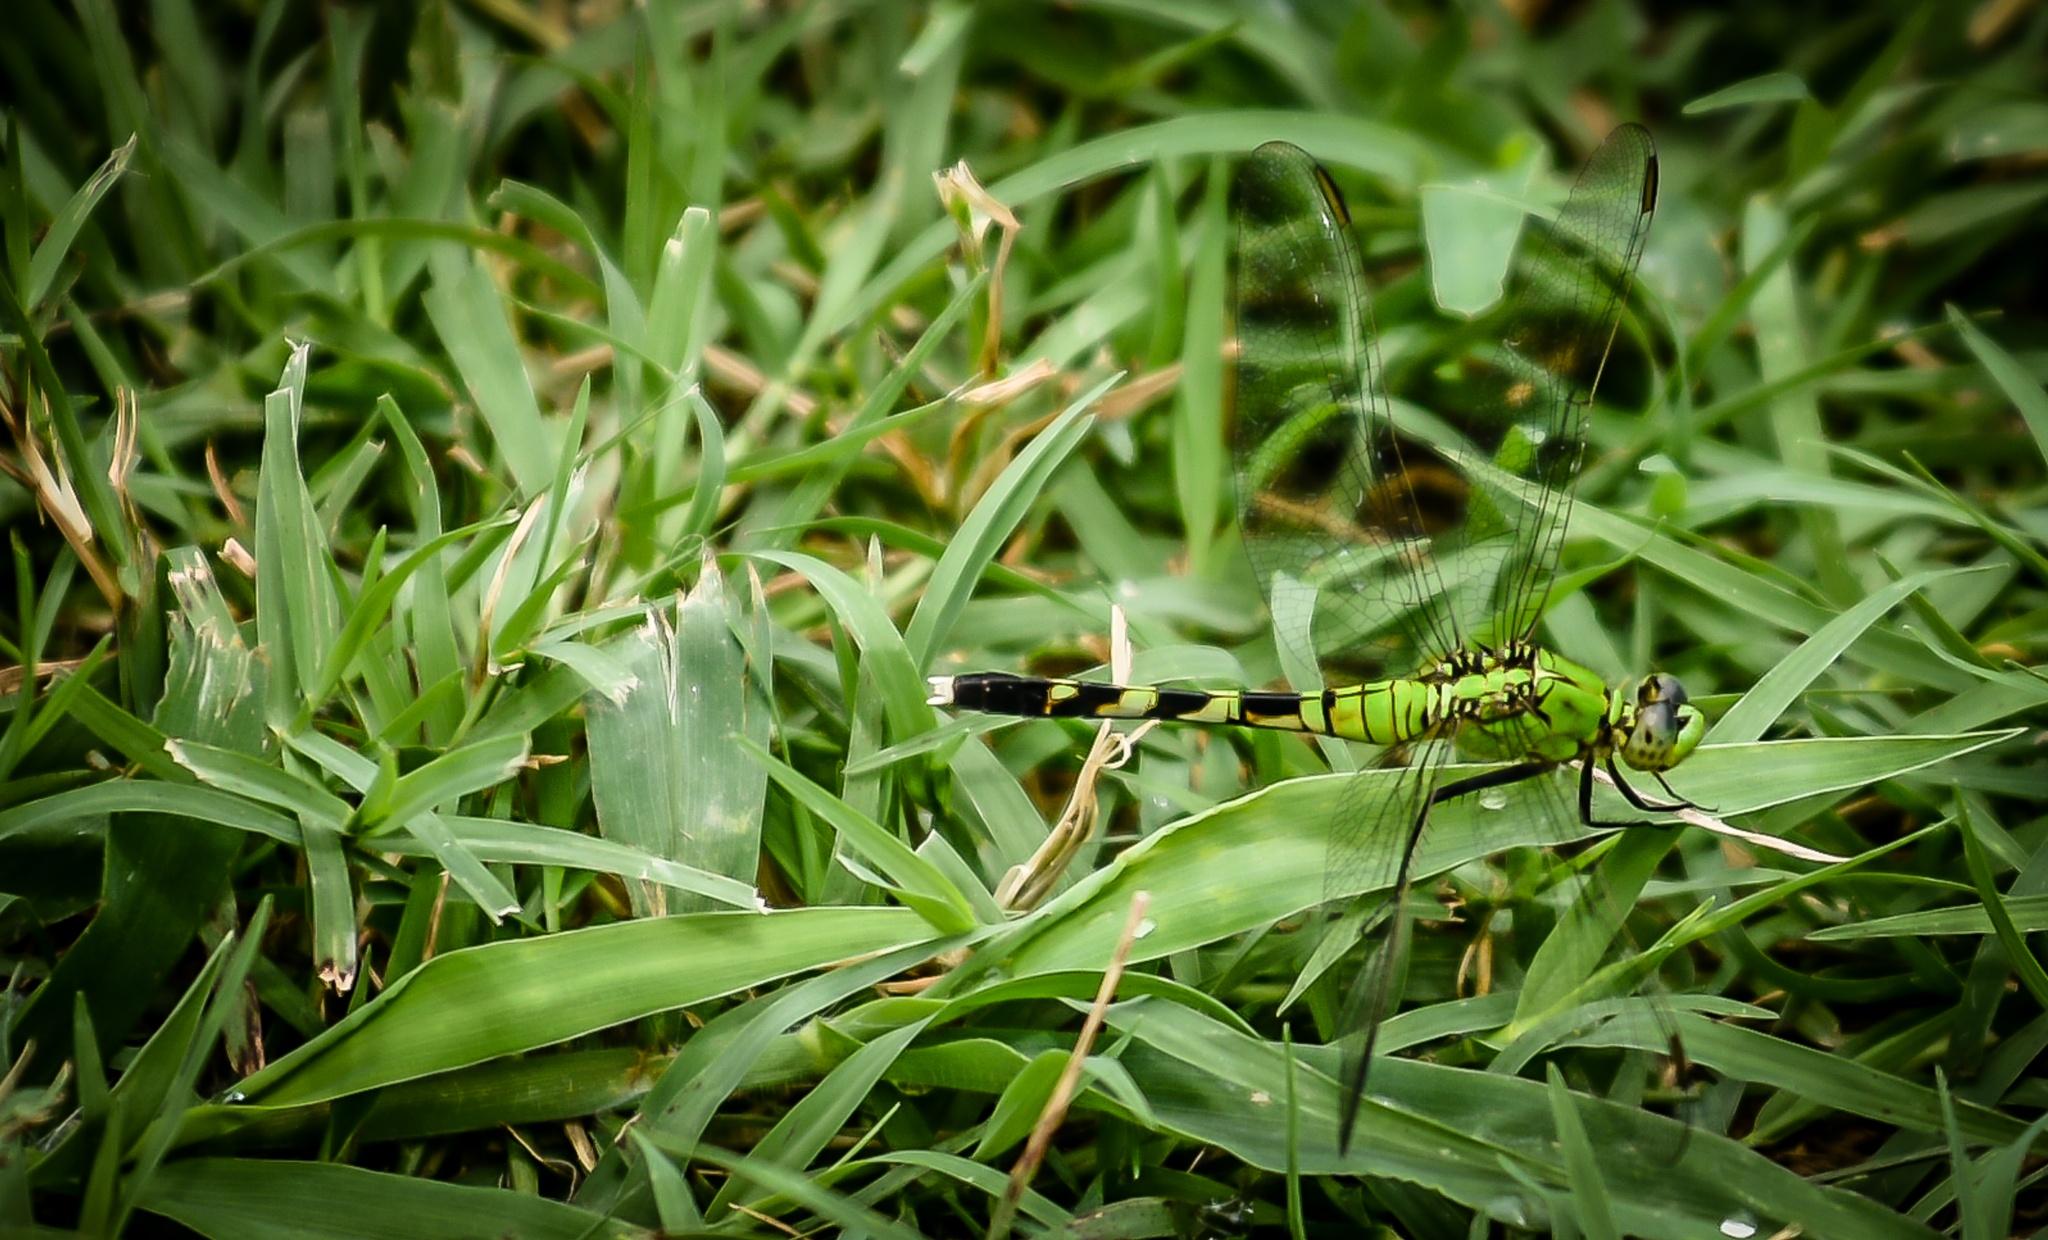 Camo Dragonfly by RWM